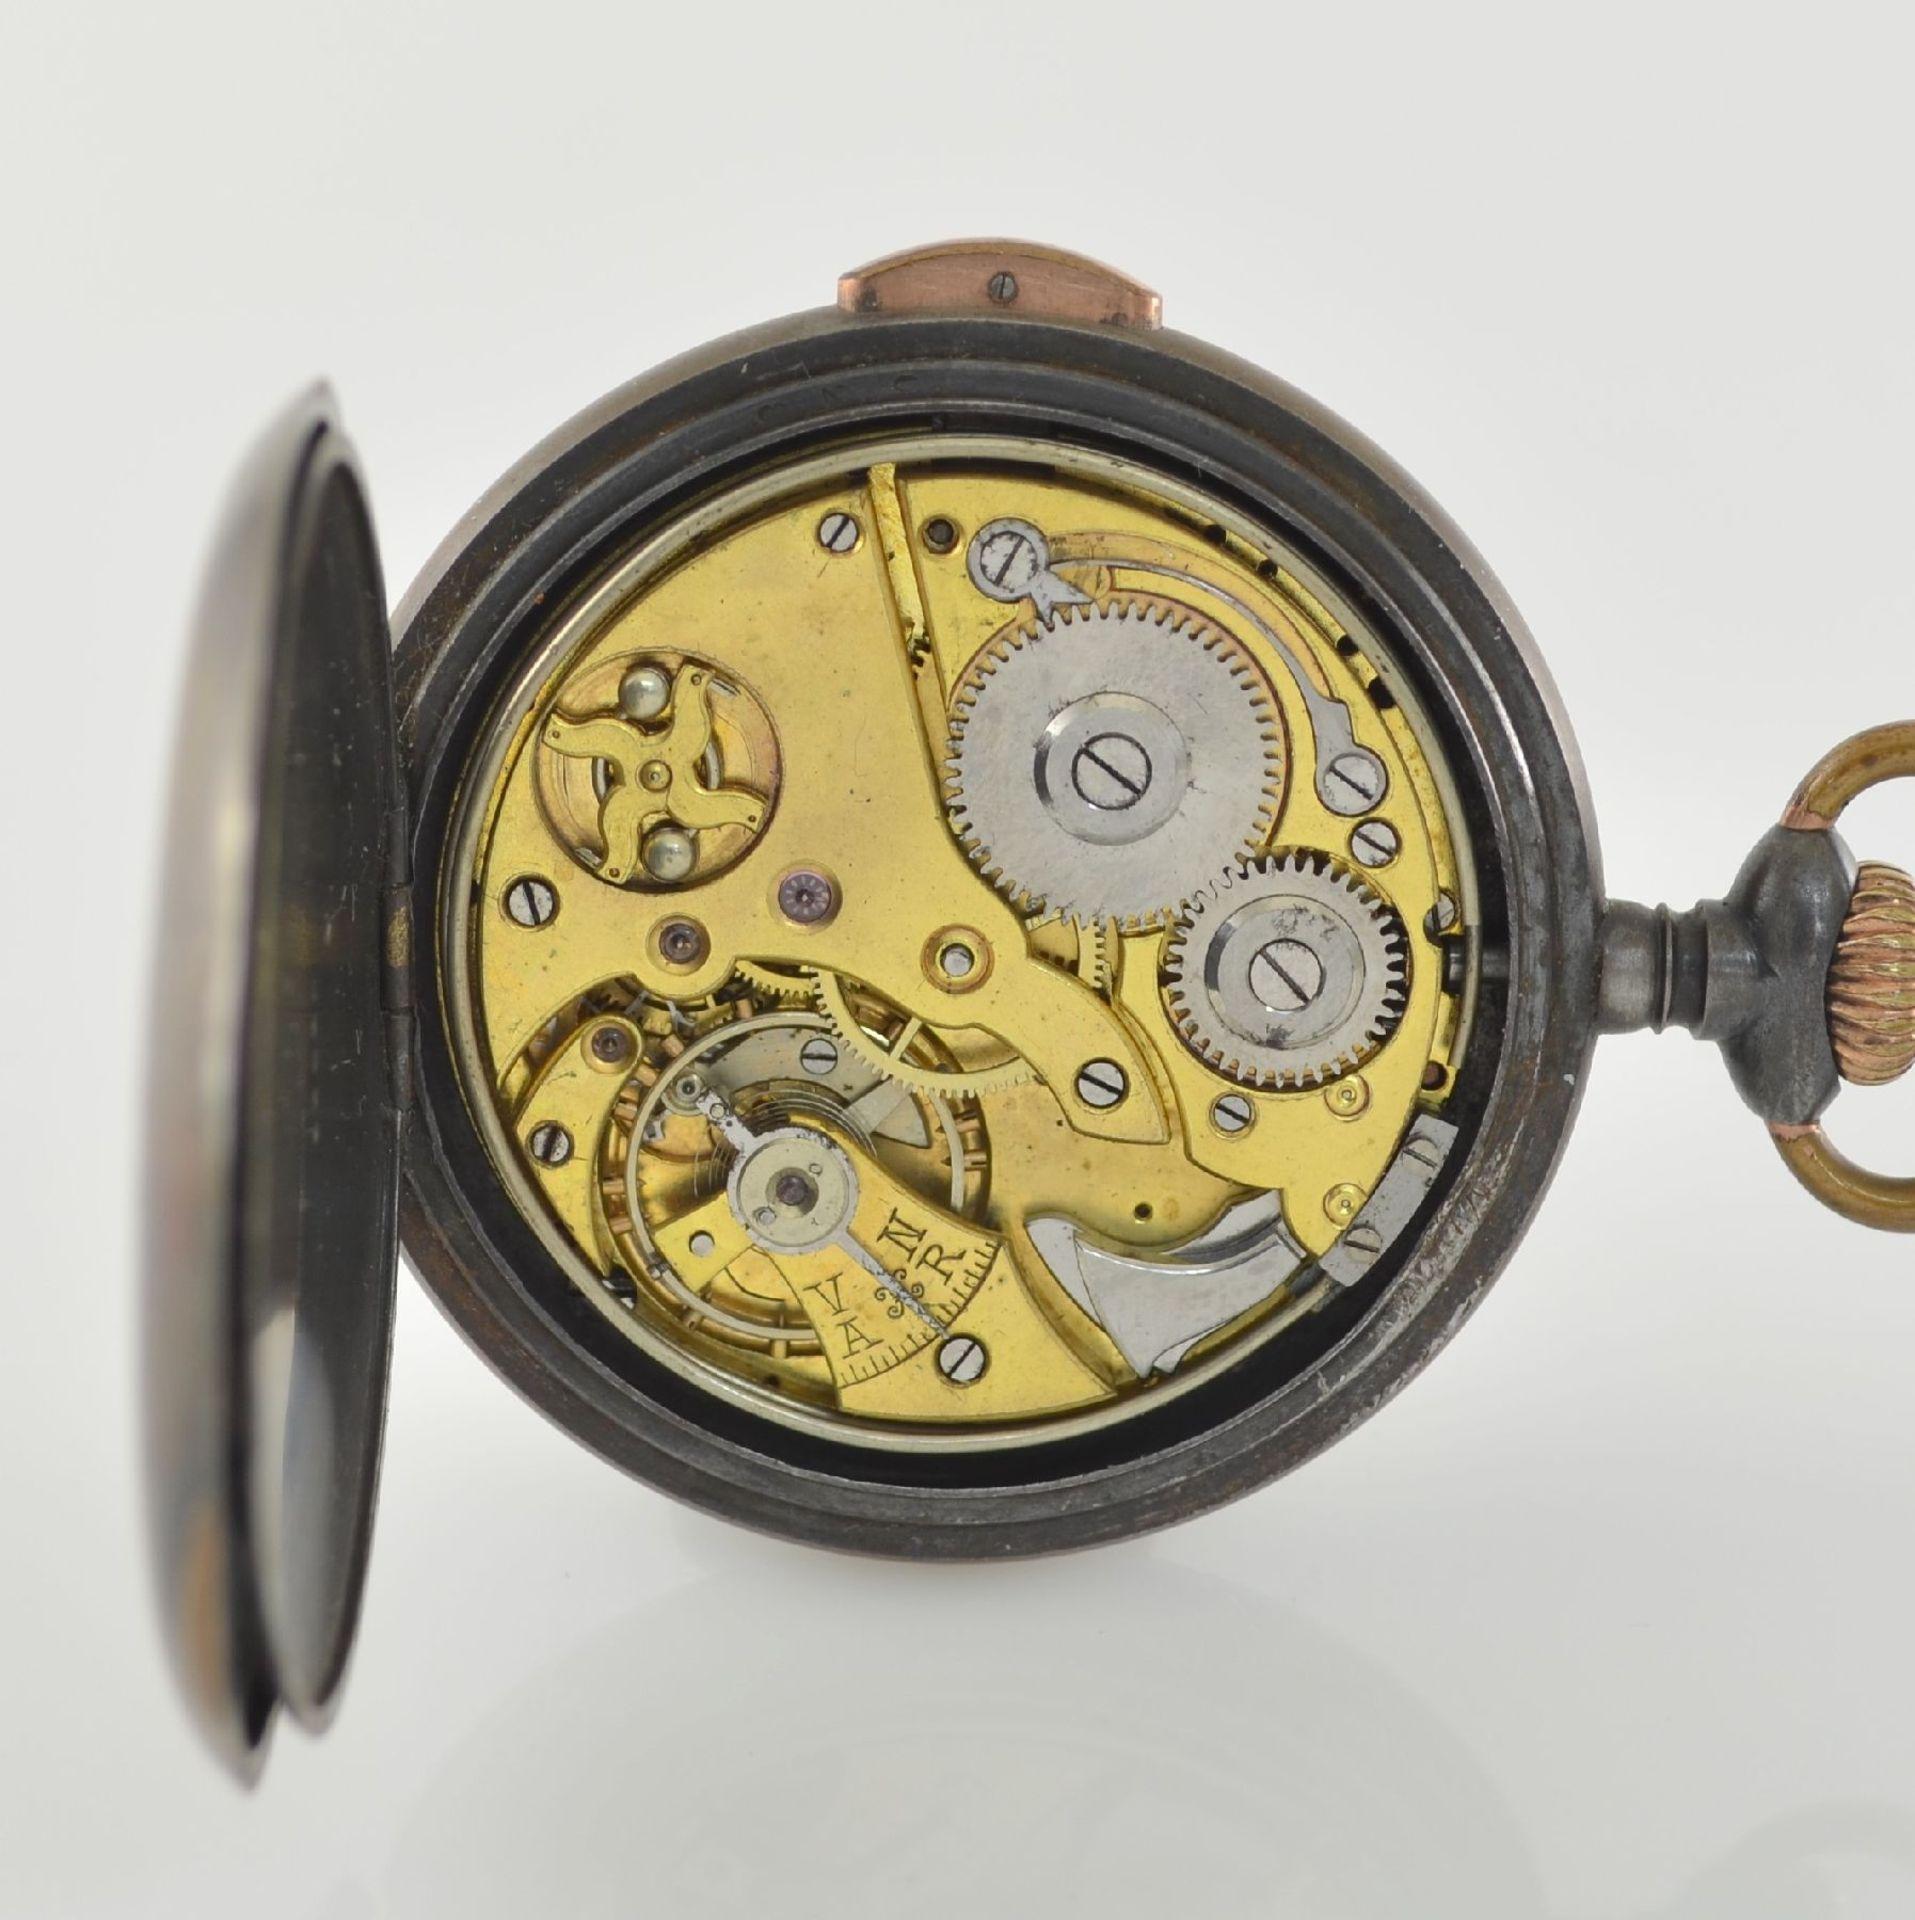 Offene Eisentaschenuhr mit 1/4-Repetition, Schweiz um 1900, brüniertes Geh. korr., Drücker f. - Bild 5 aus 6